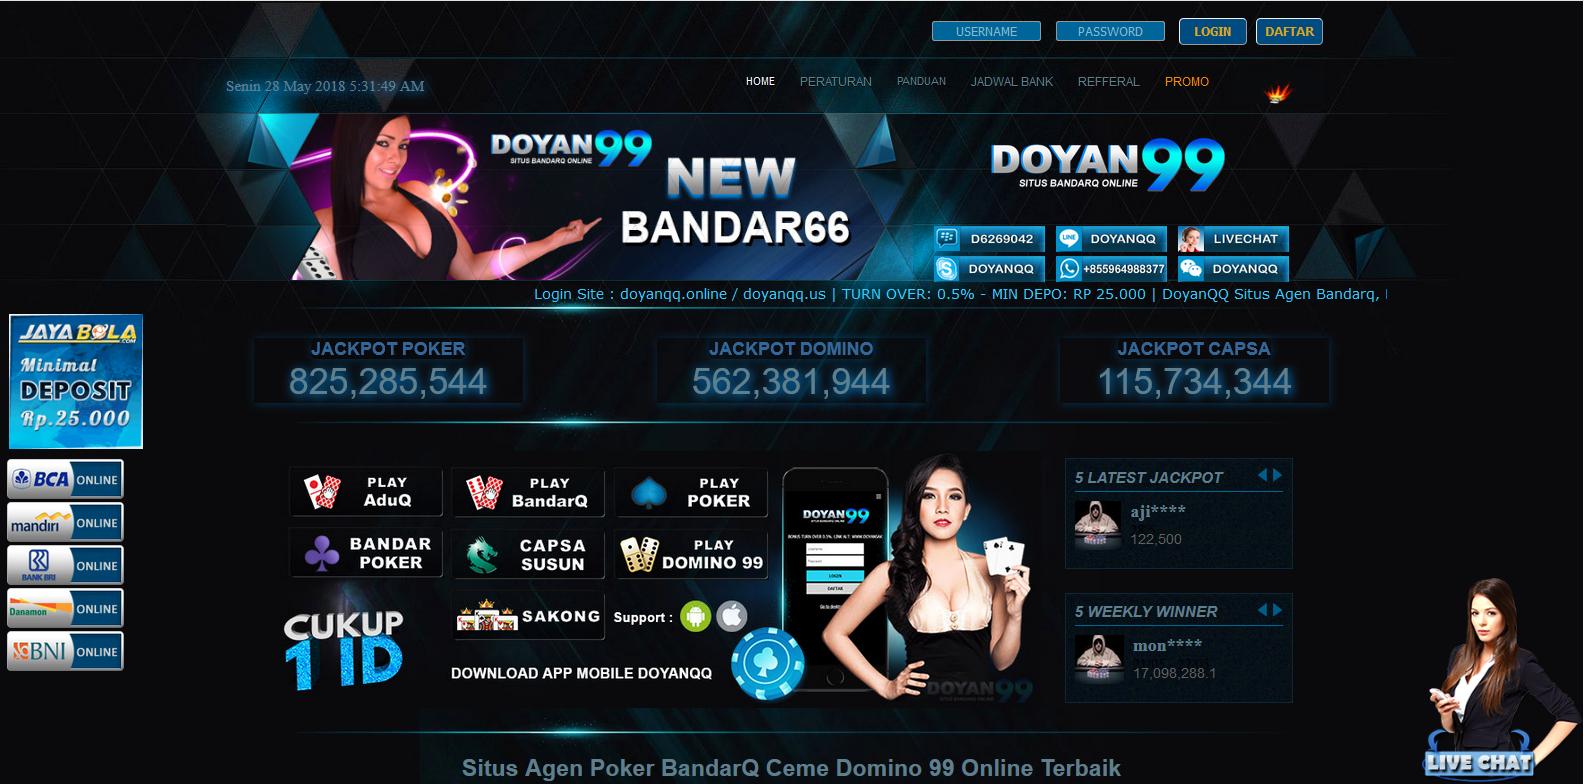 DOYAN99